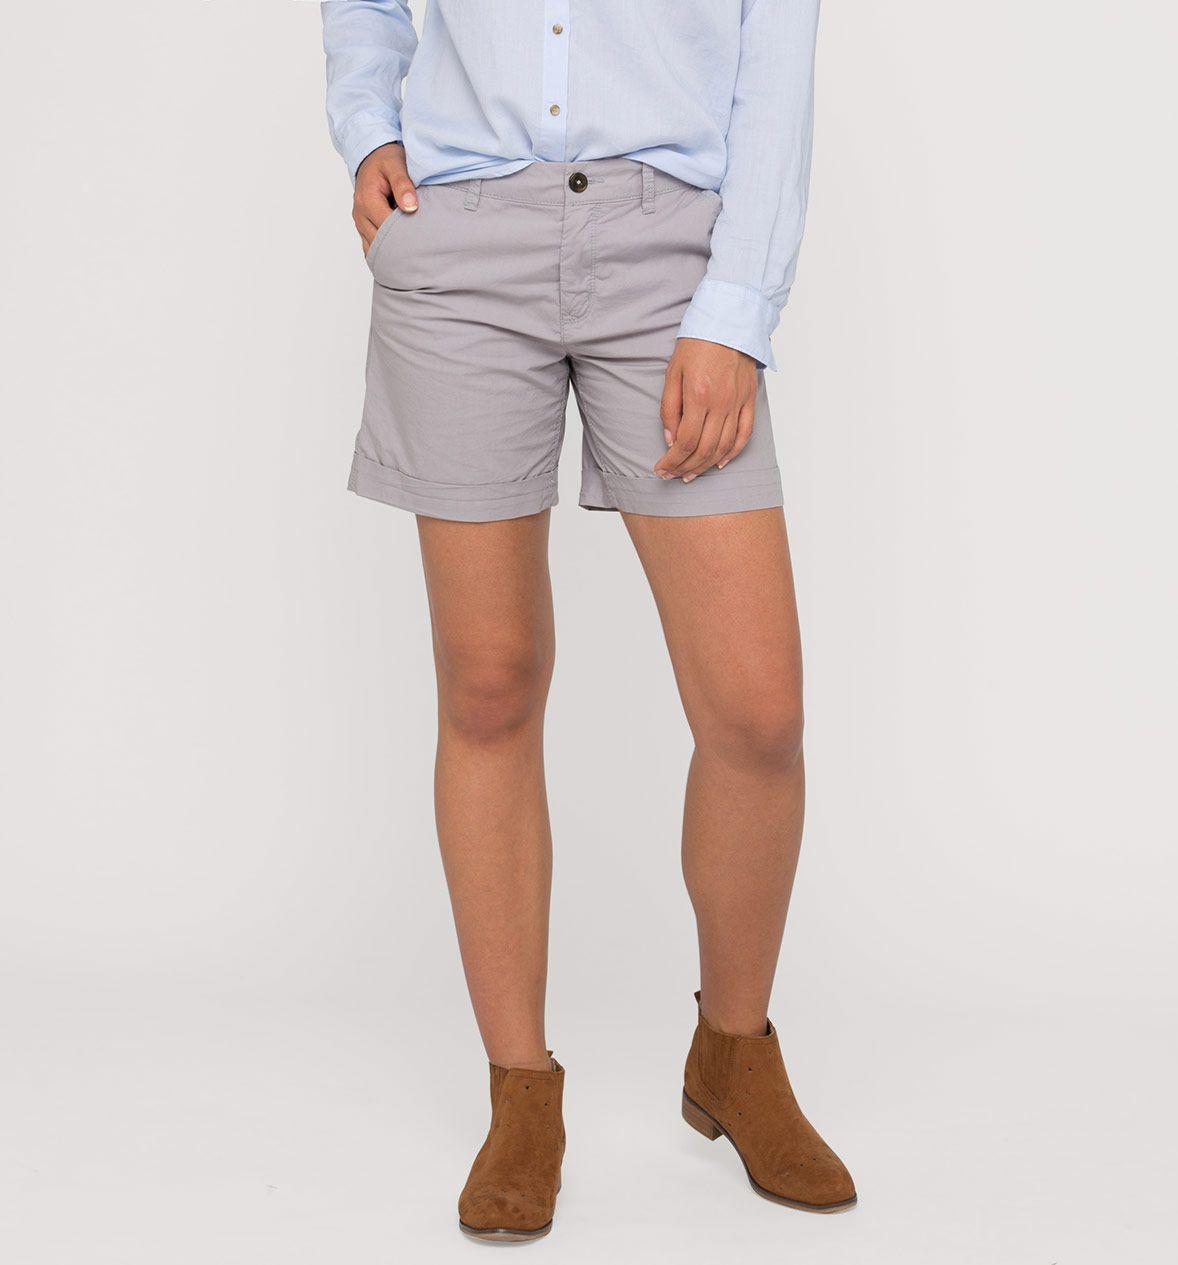 Shorts en gris claro